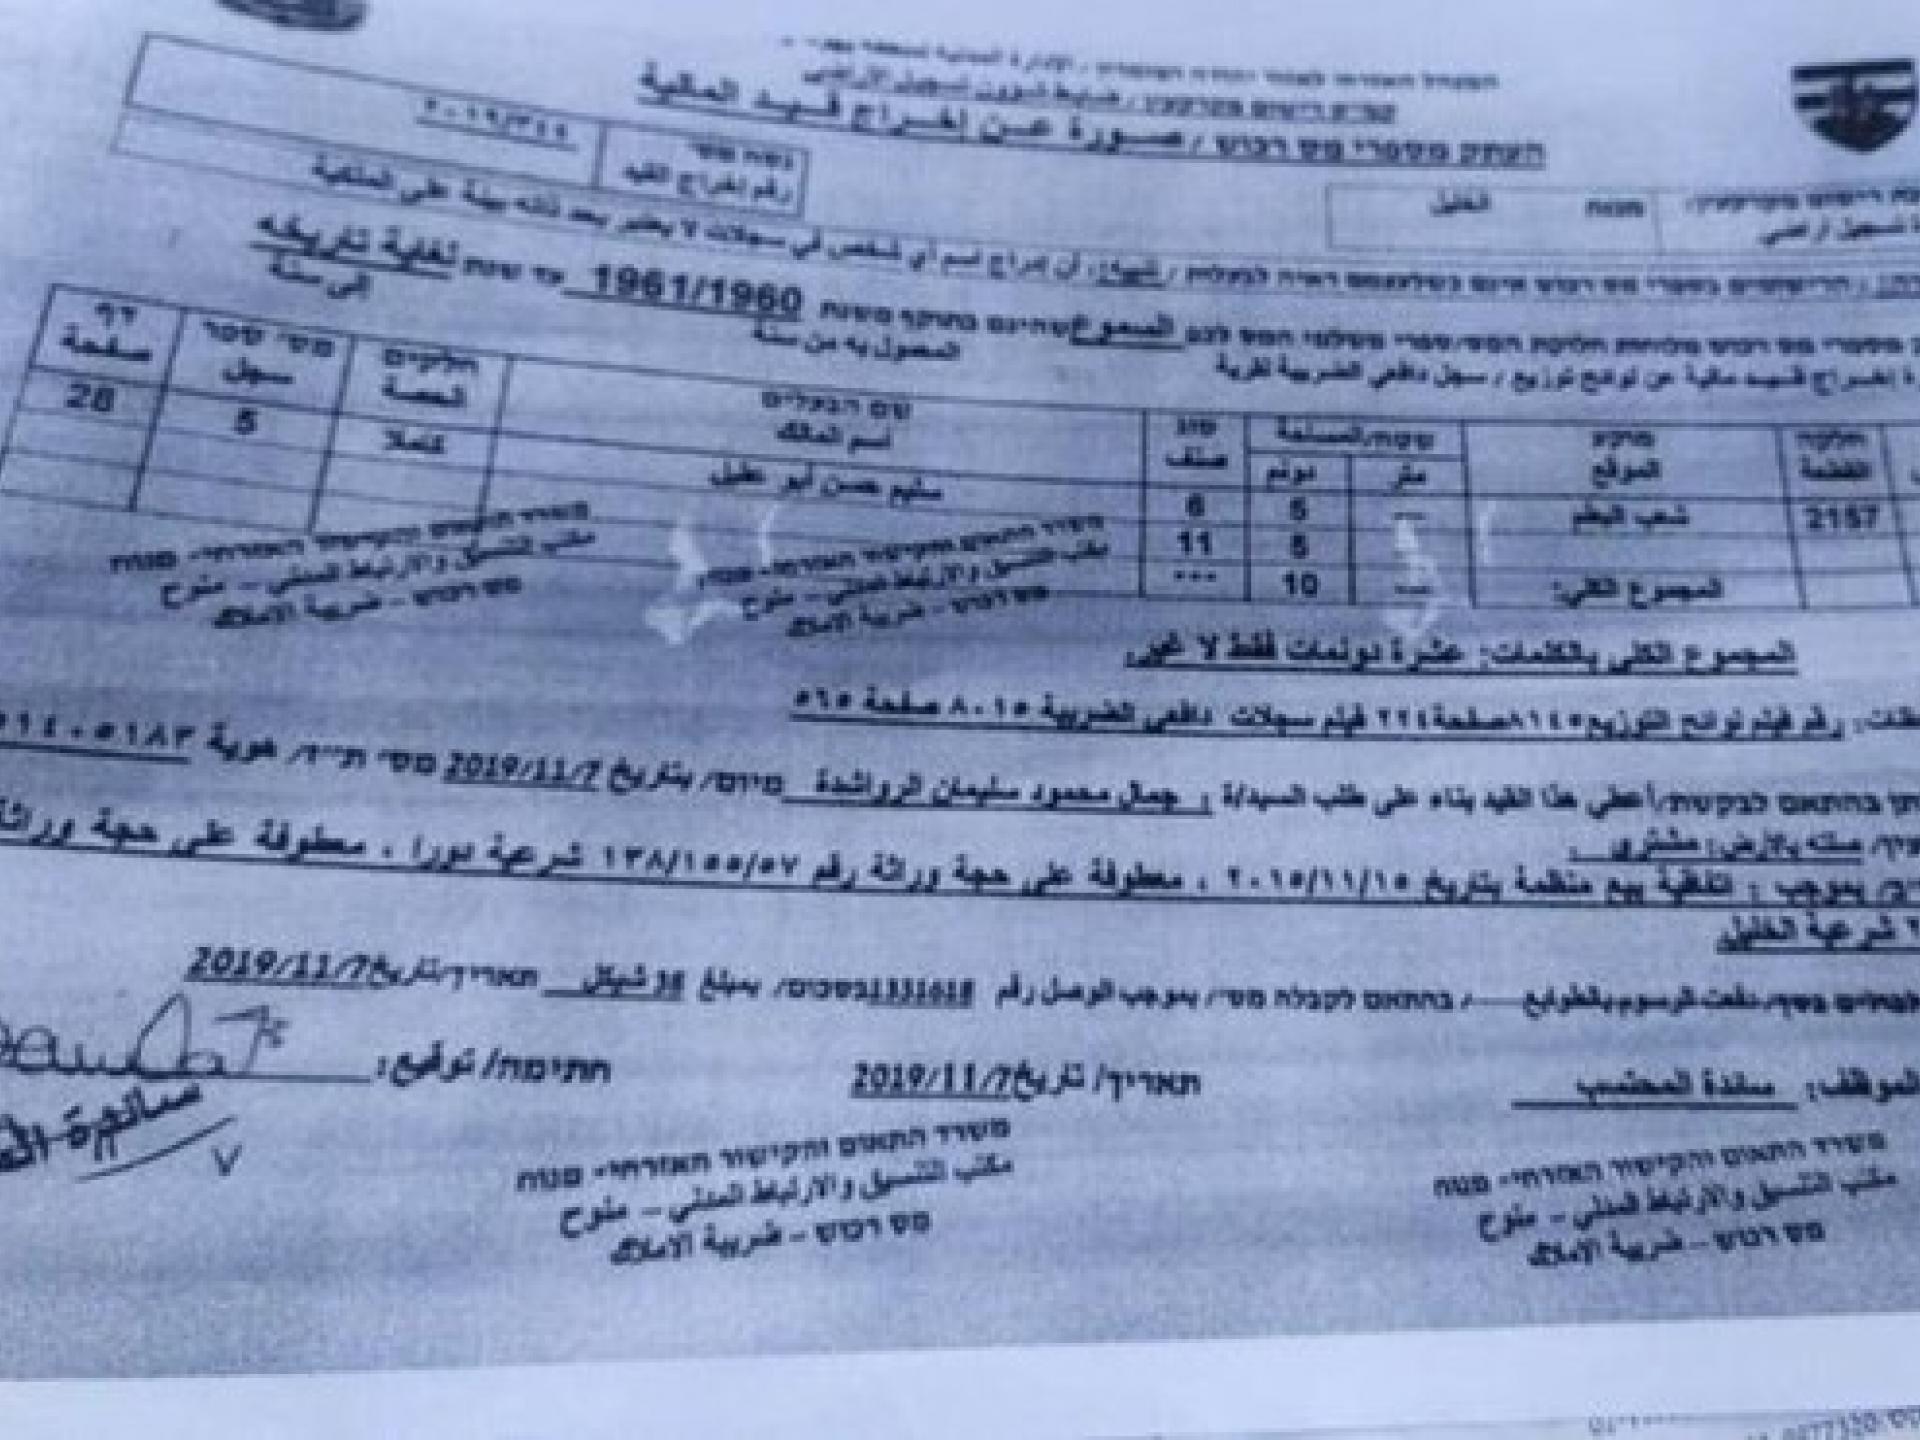 אישור רשמי על בעלות על האדמות